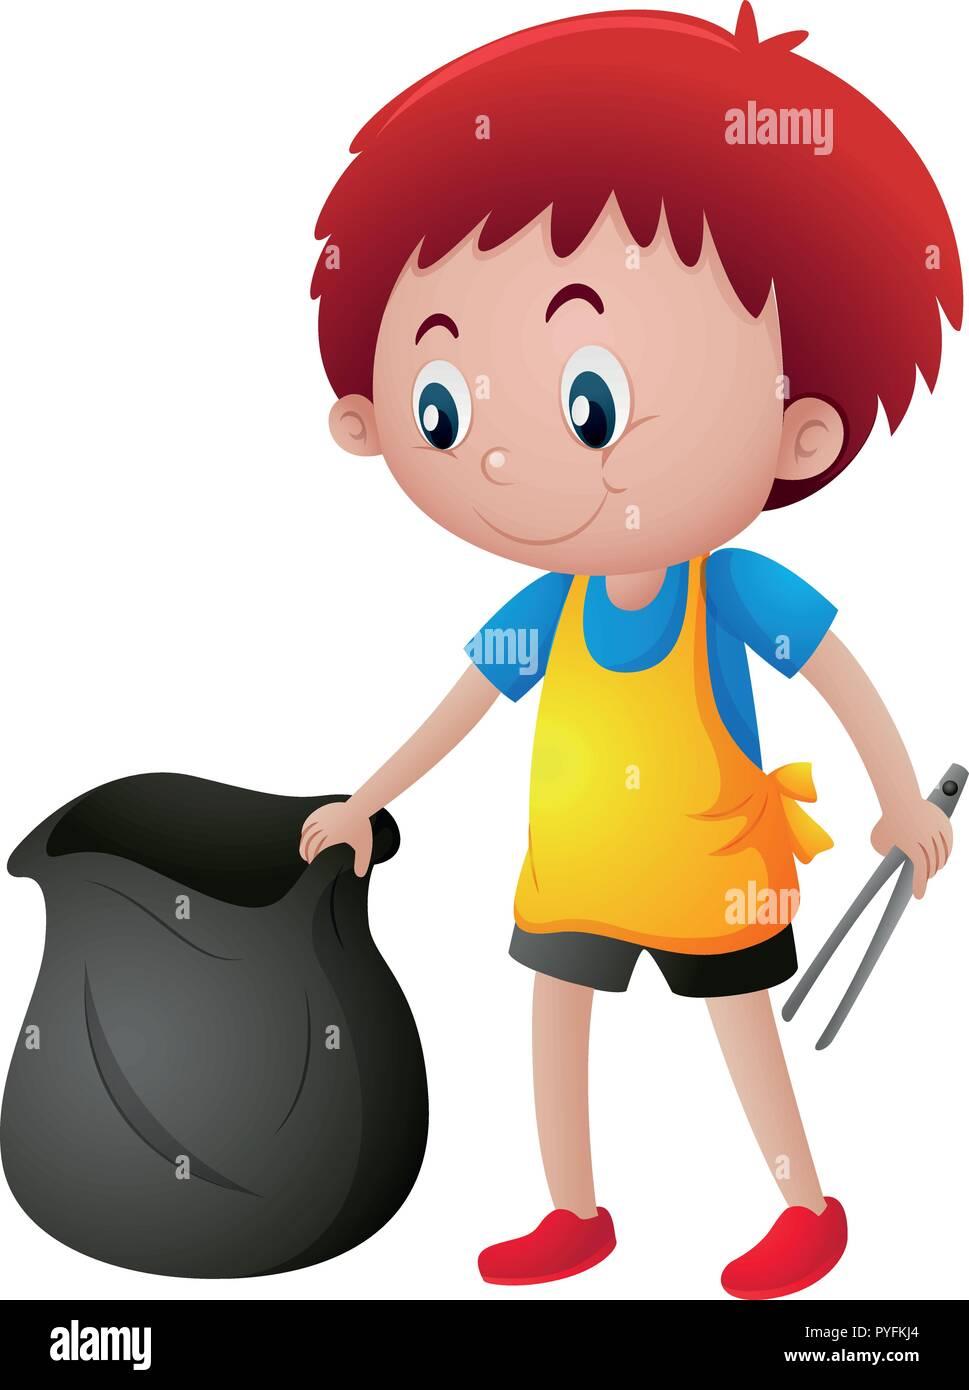 Boy Trash Can Stock Illustrations – 343 Boy Trash Can Stock Illustrations,  Vectors & Clipart - Dreamstime